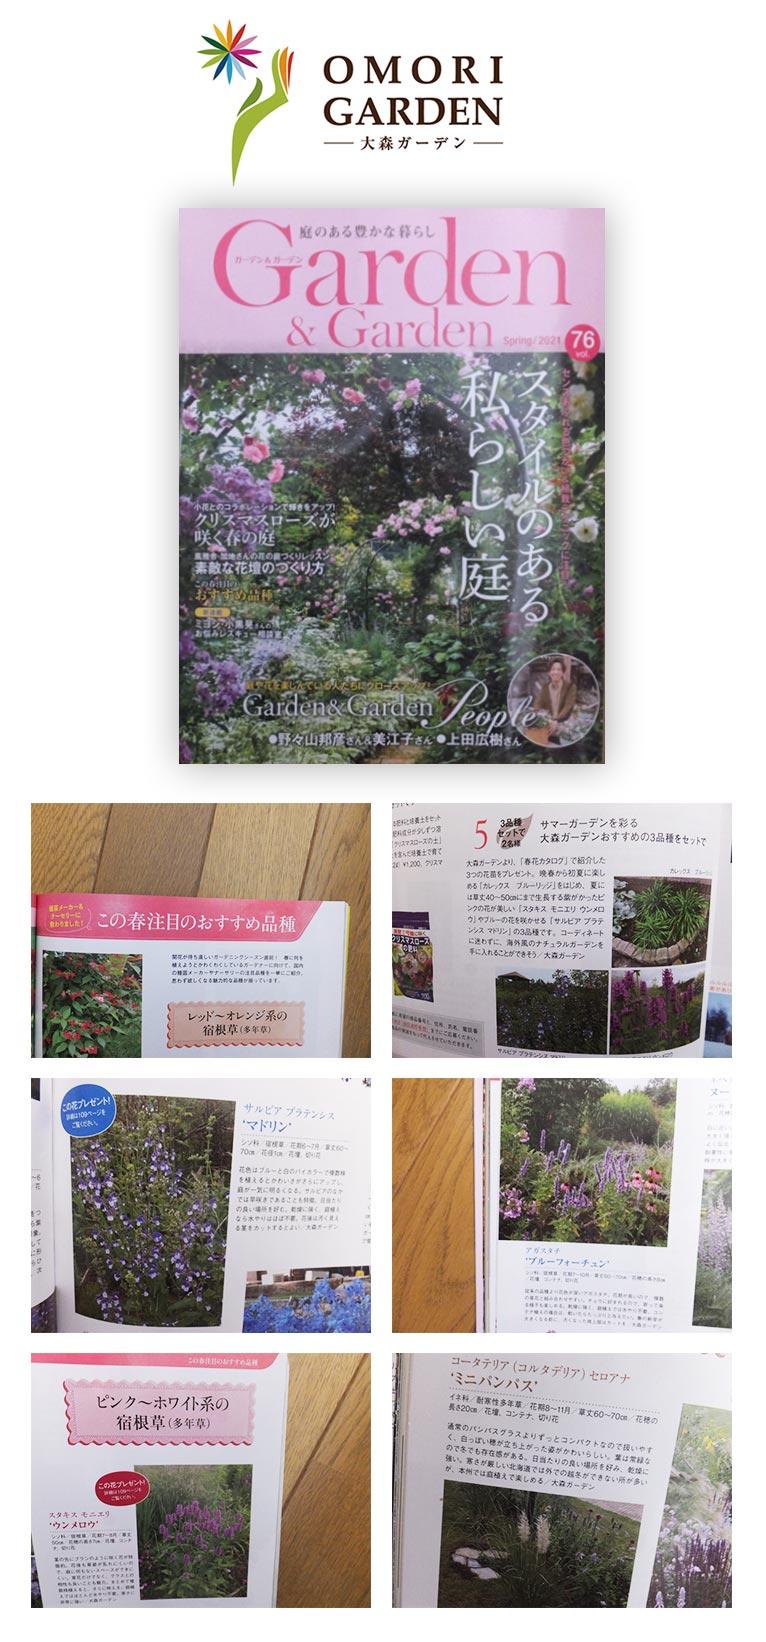 2021年vol.76 Garden&Garden春号 『この春注目オススメ品種』&『プレゼント企画』 大森ガーデン